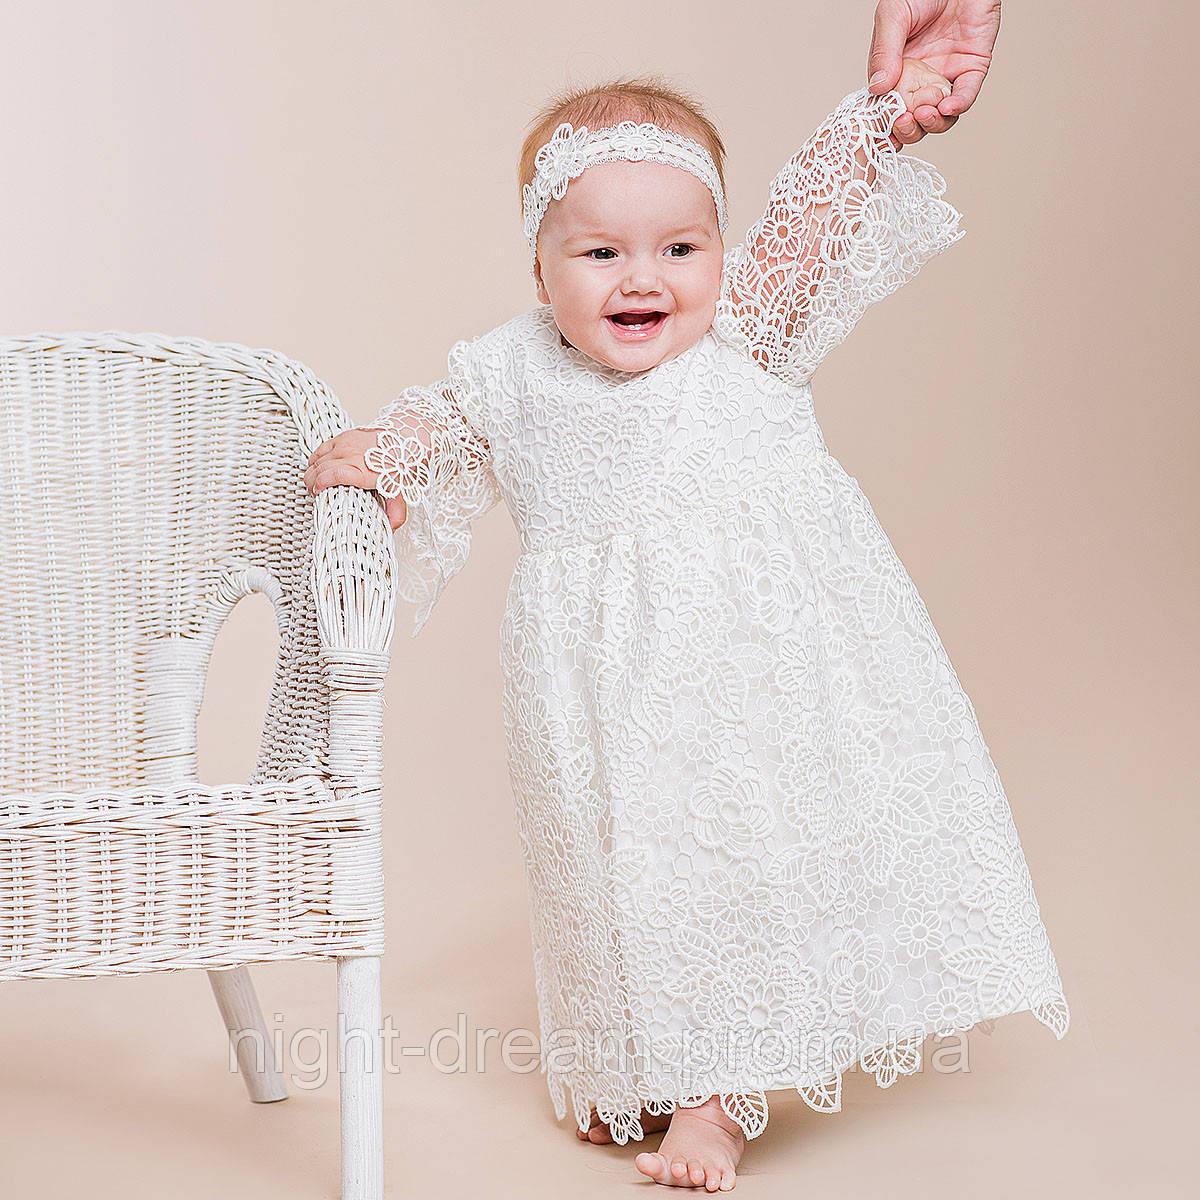 Нарядное платье Глория (Глафира) от Miminobaby молочное от 12 до 18 месяцев